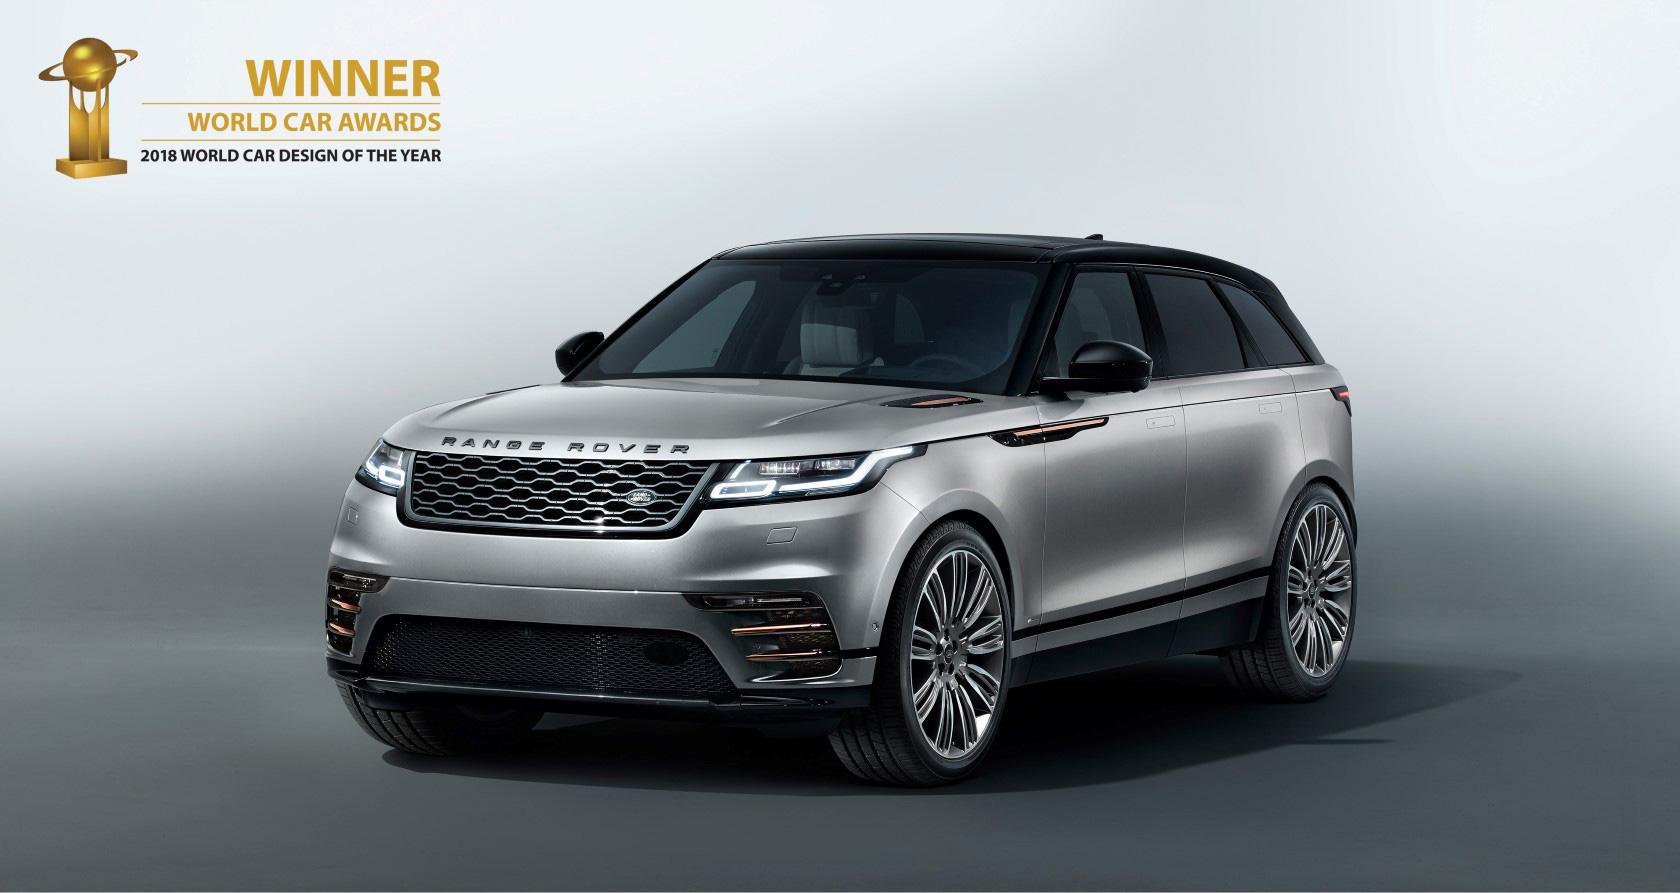 actu range rover velar lue plus belle voiture du monde. Black Bedroom Furniture Sets. Home Design Ideas